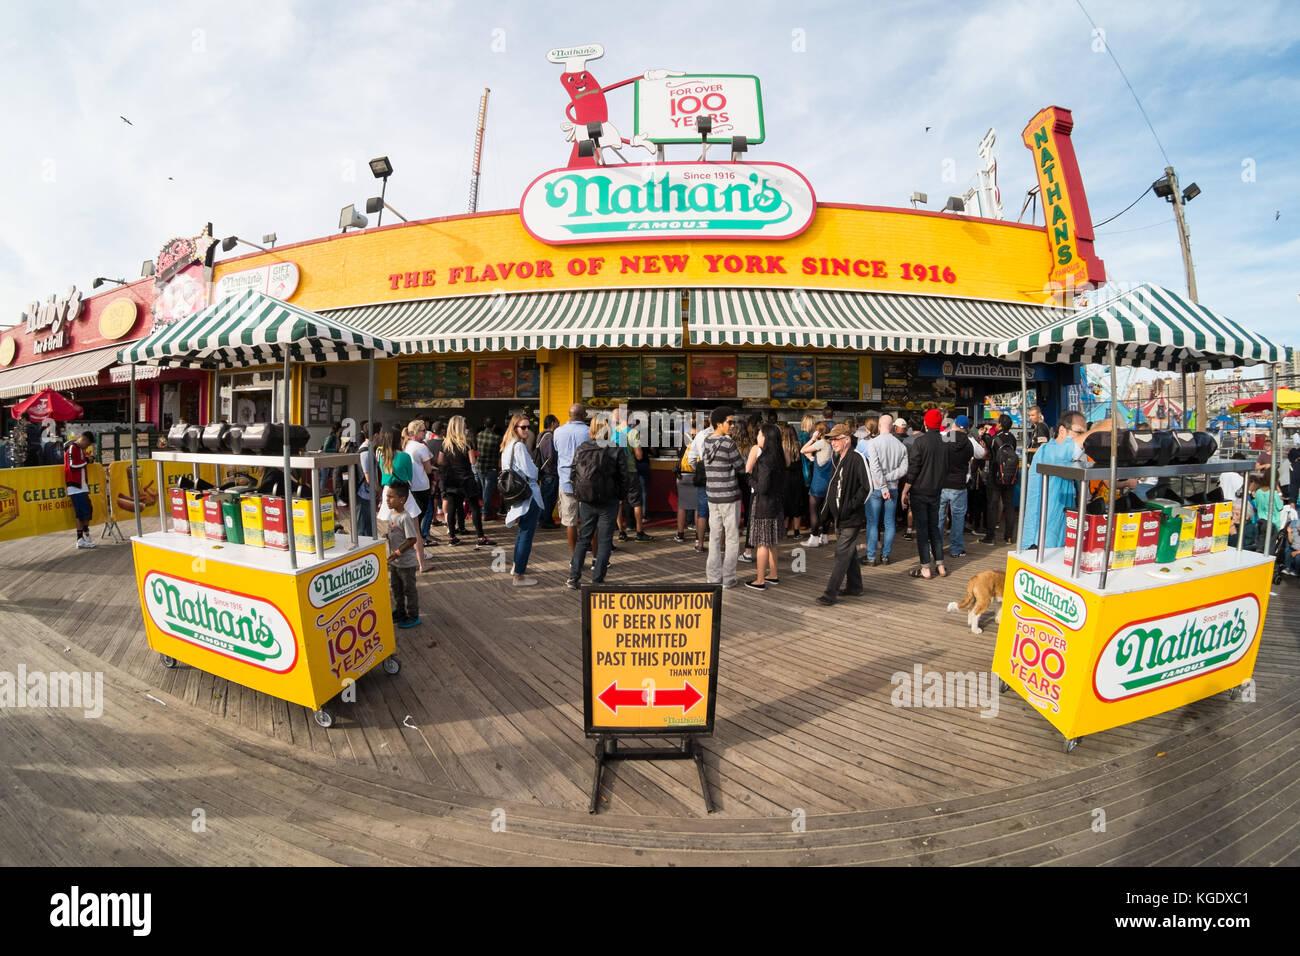 Coney Island Calories